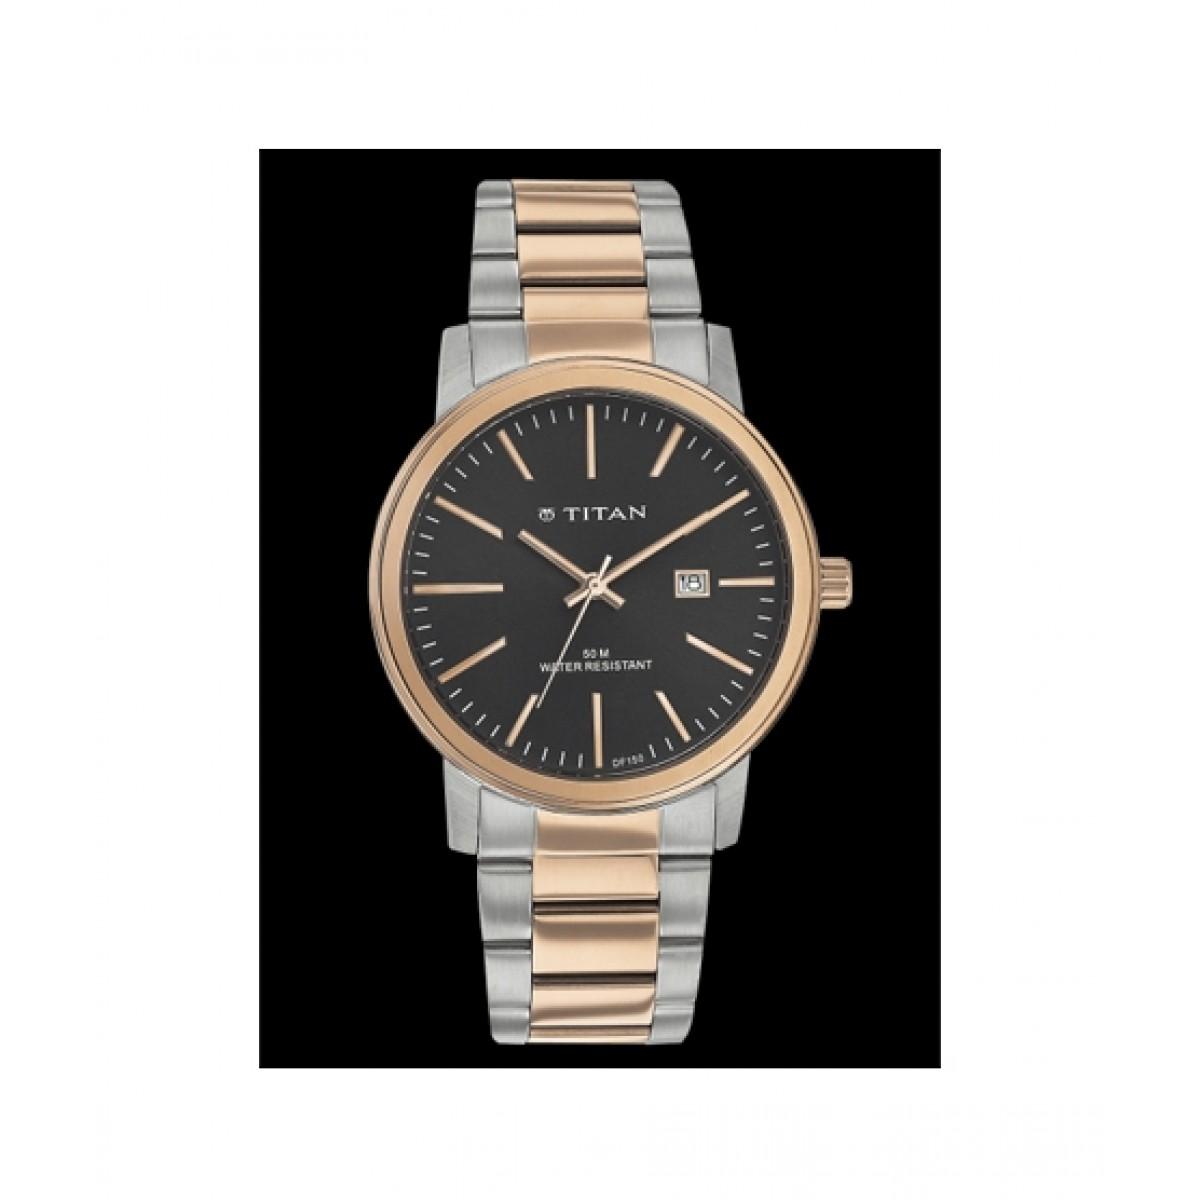 Titan Classic Men's Watch Rose Gold (9440KM01)